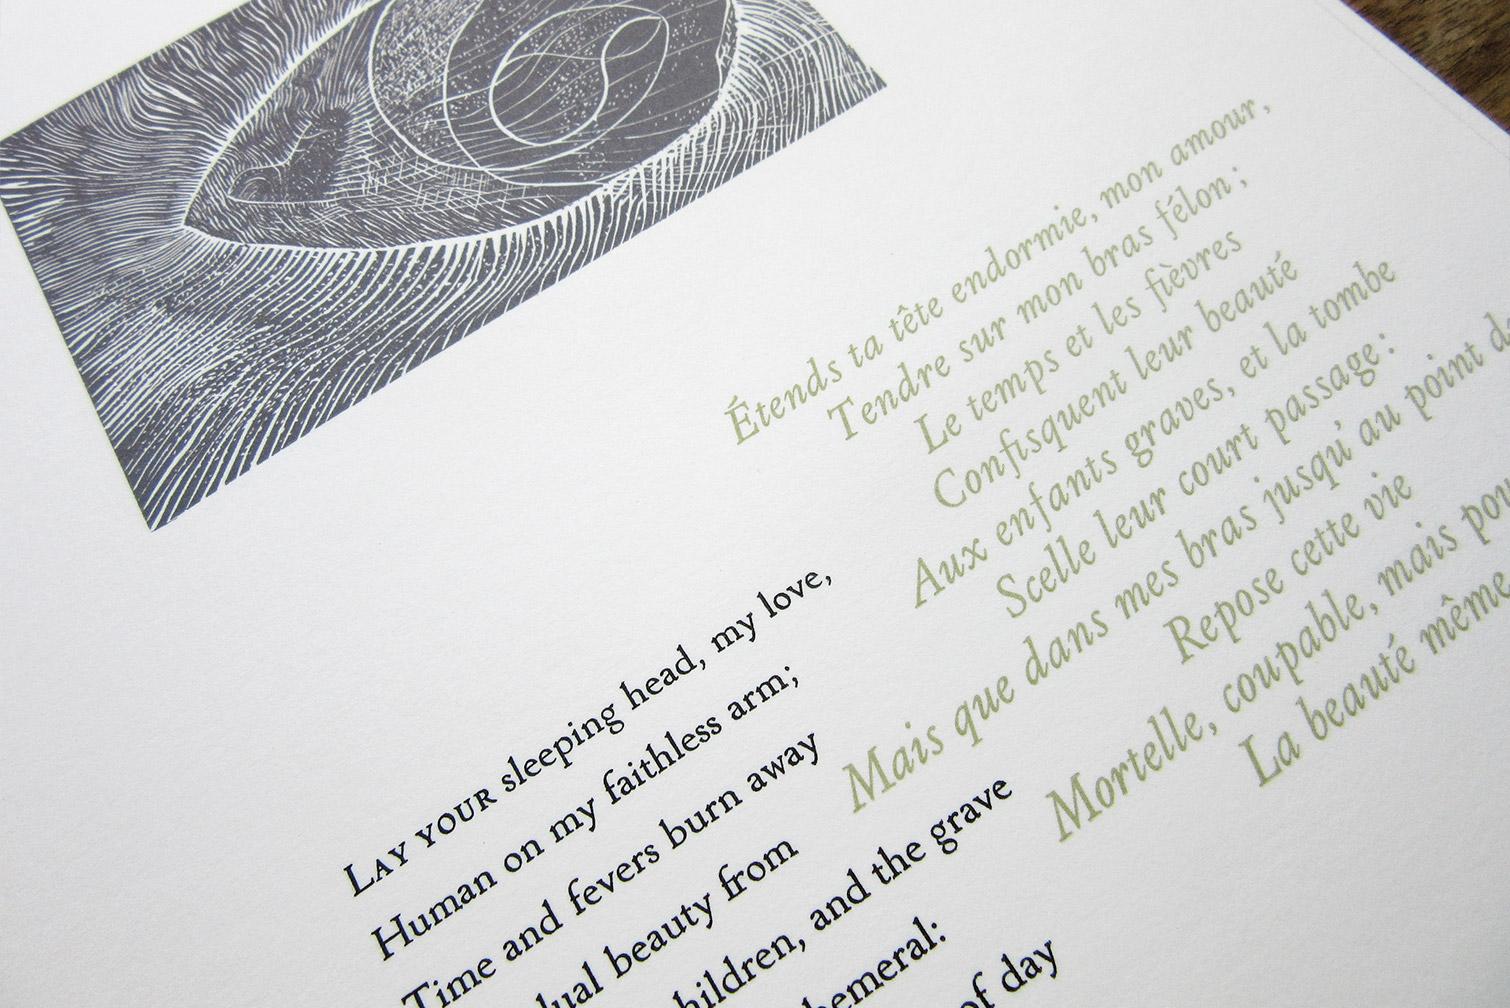 michael-caine-petropolis-auden-detail.jpg